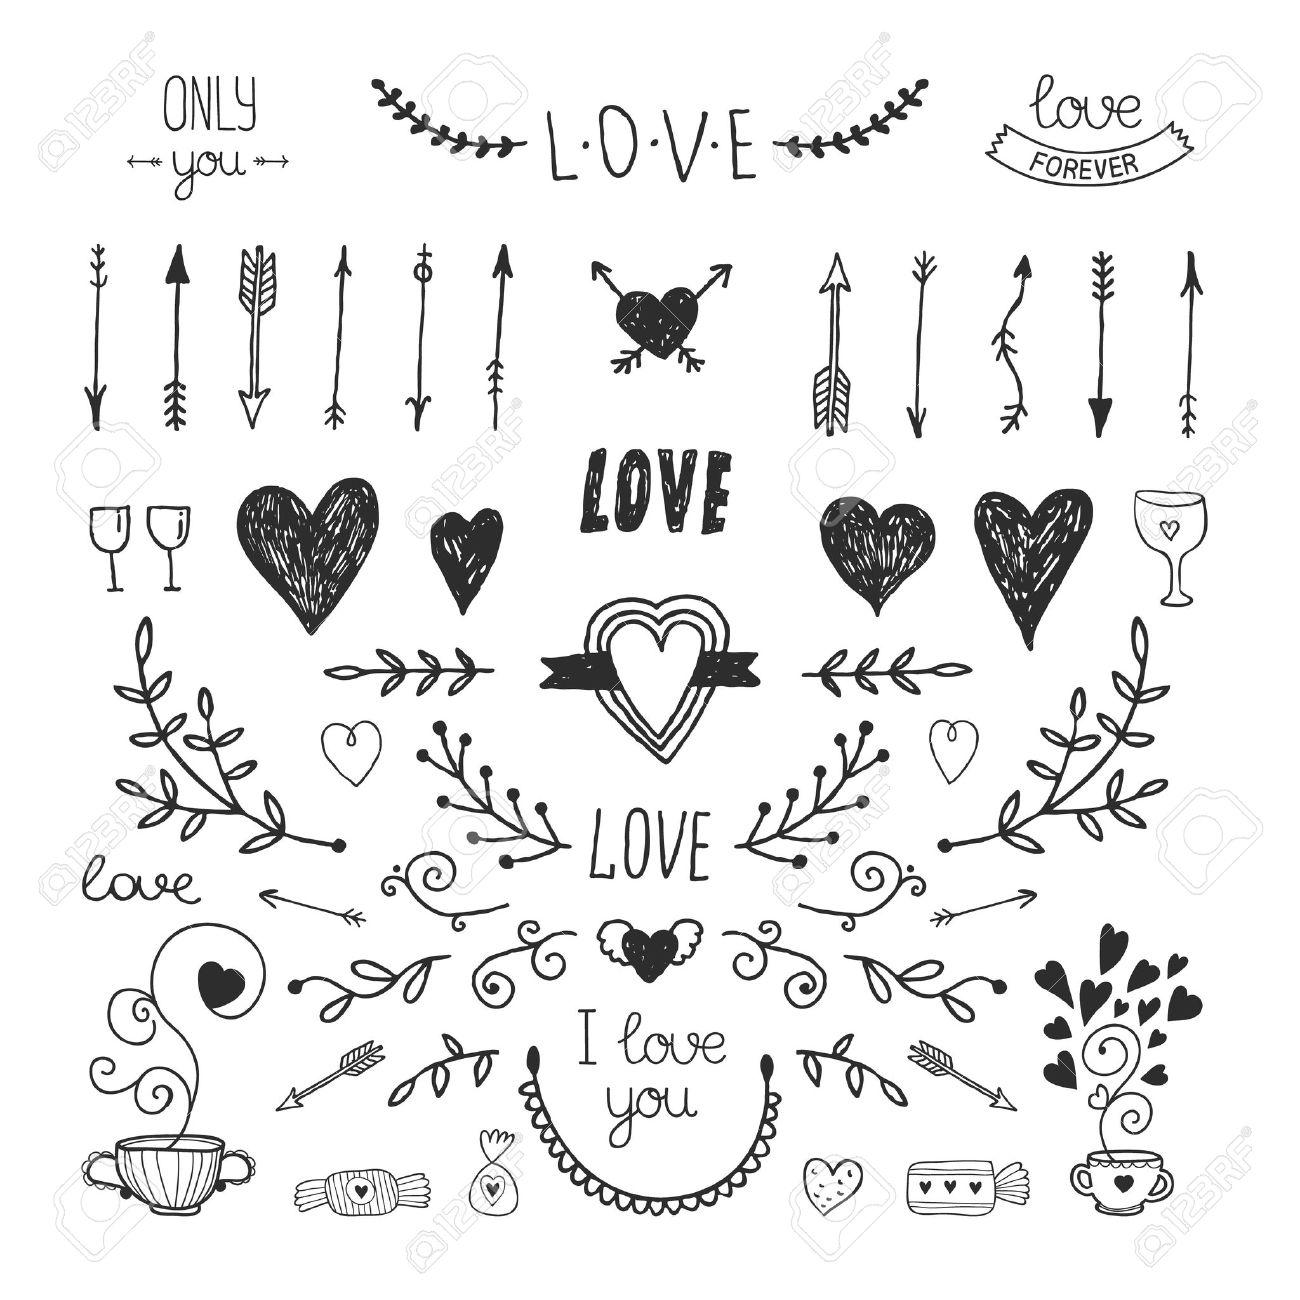 Le célèbre Tatouage Symbole Amour. Finest Limage En Grand With Tatouage @FO_32